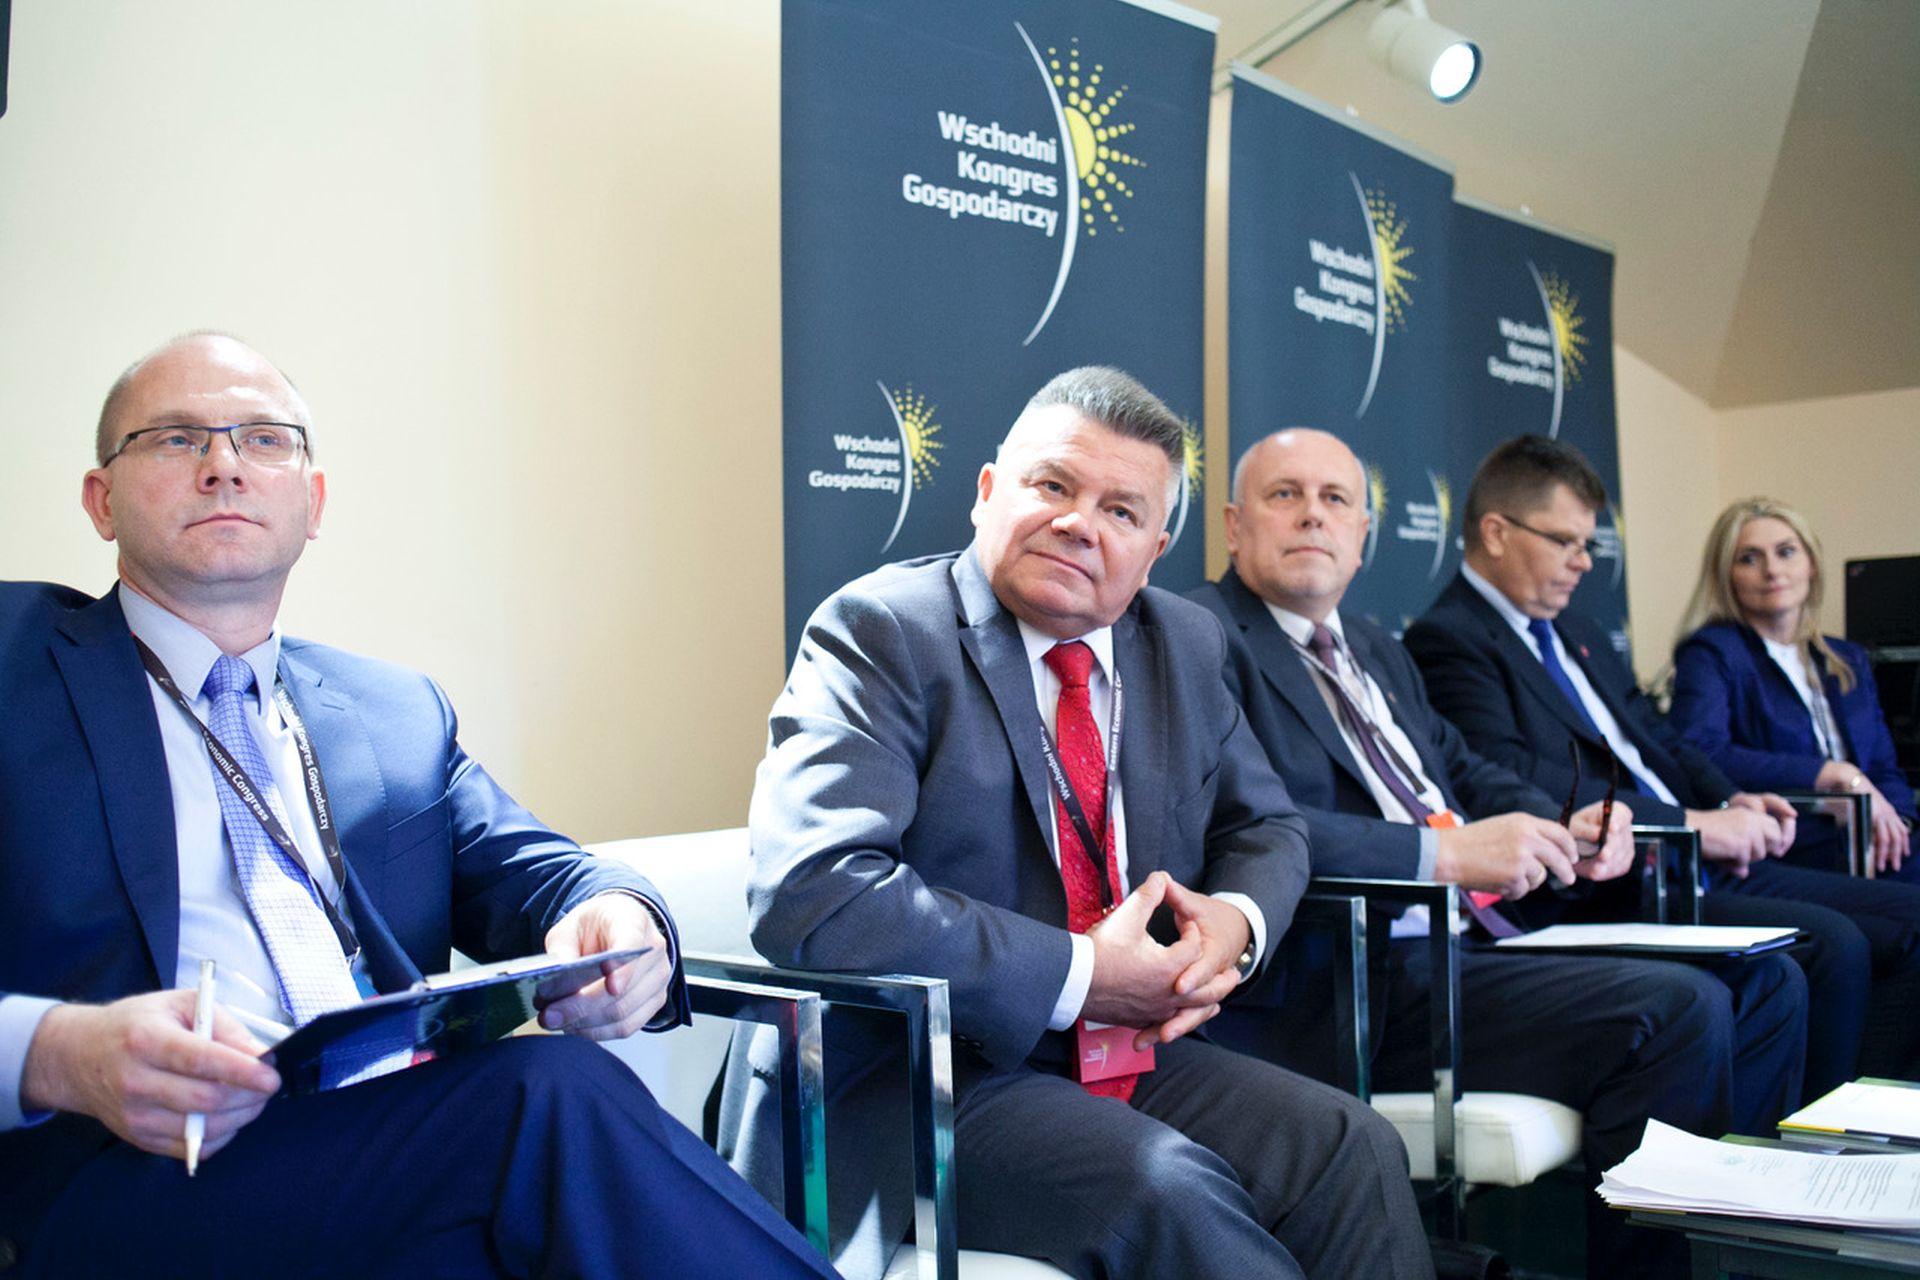 Od lewej: Jacek Sułek, Andrzej Ryński, Ireneusz Wiśniewski.Fot. PTWP / PP